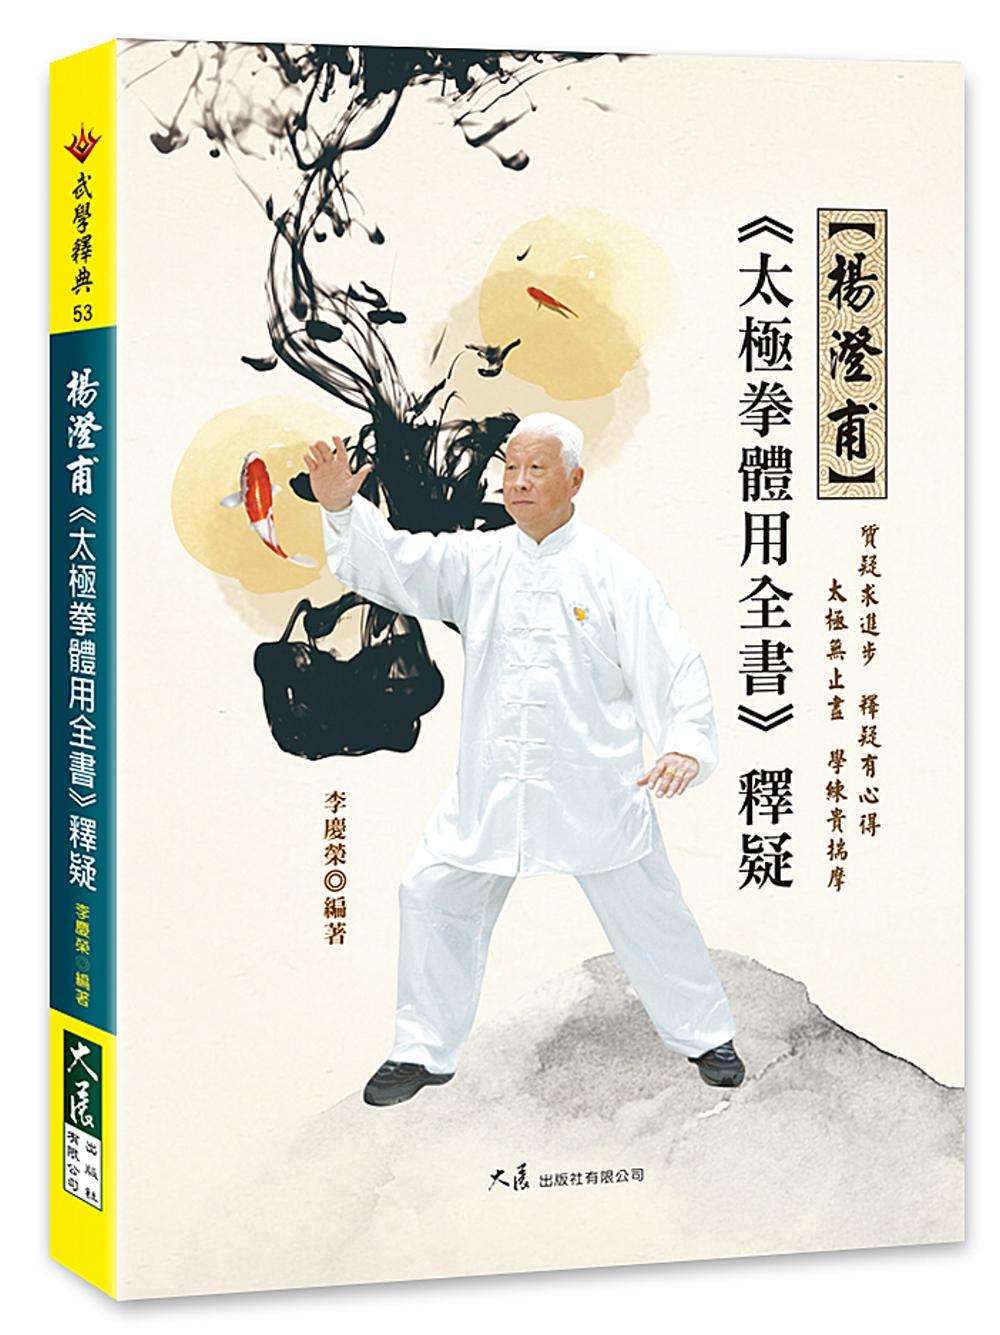 楊澄甫《太極拳體用全書》釋疑